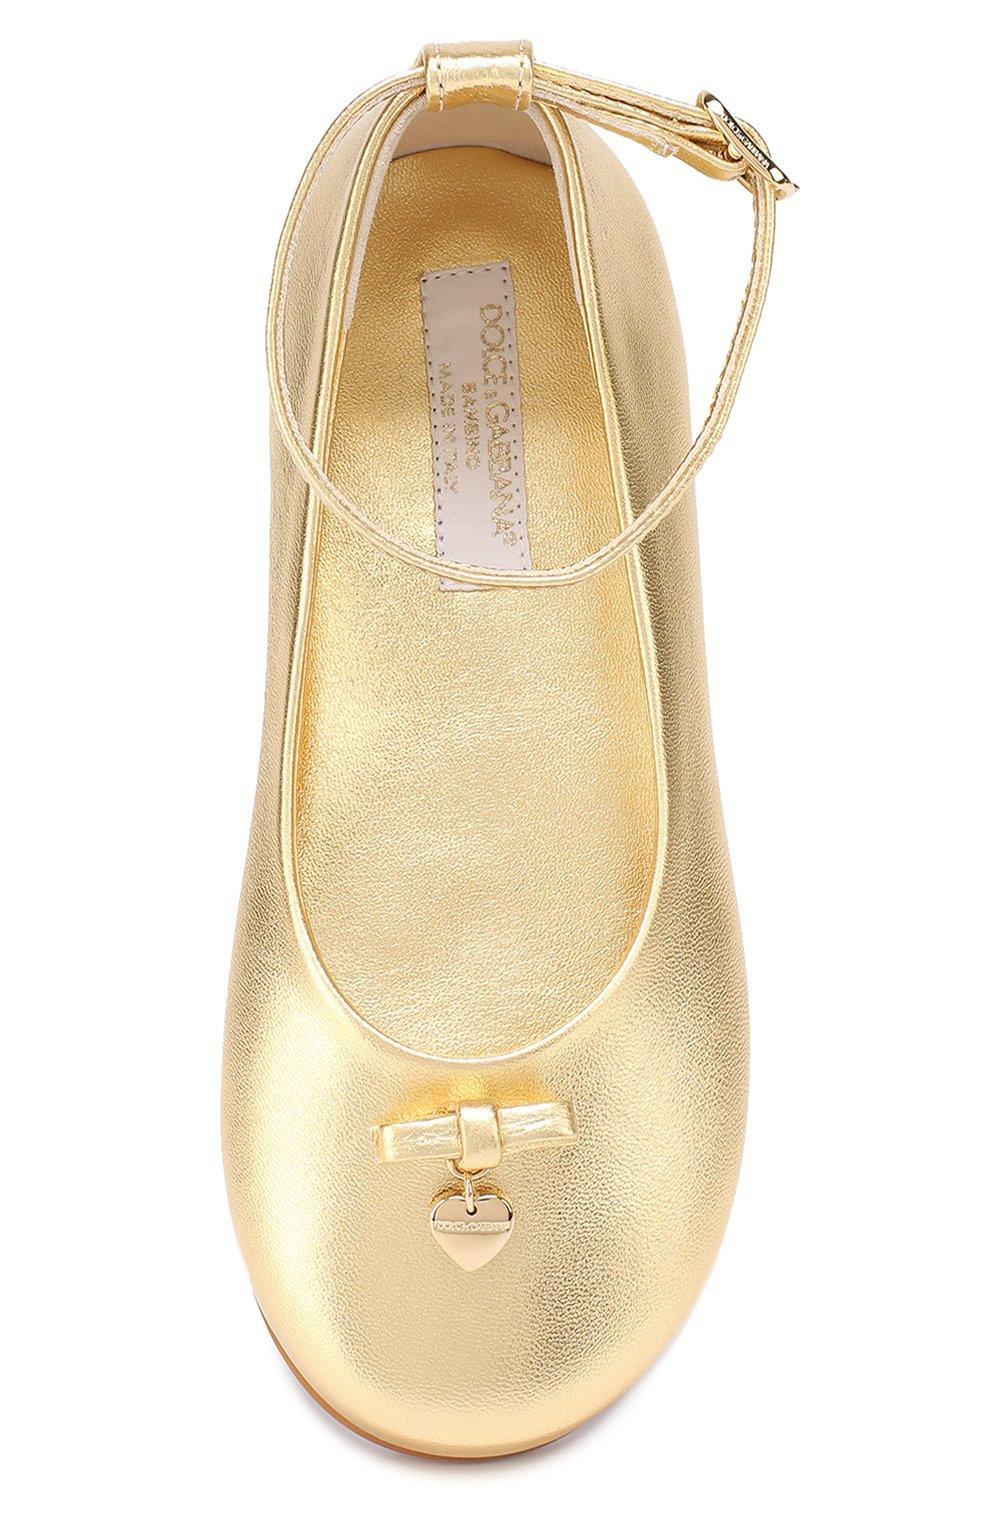 Детские балетки из металлизированной кожи с бантом и подвеской Dolce & Gabbana золотого цвета | Фото №4